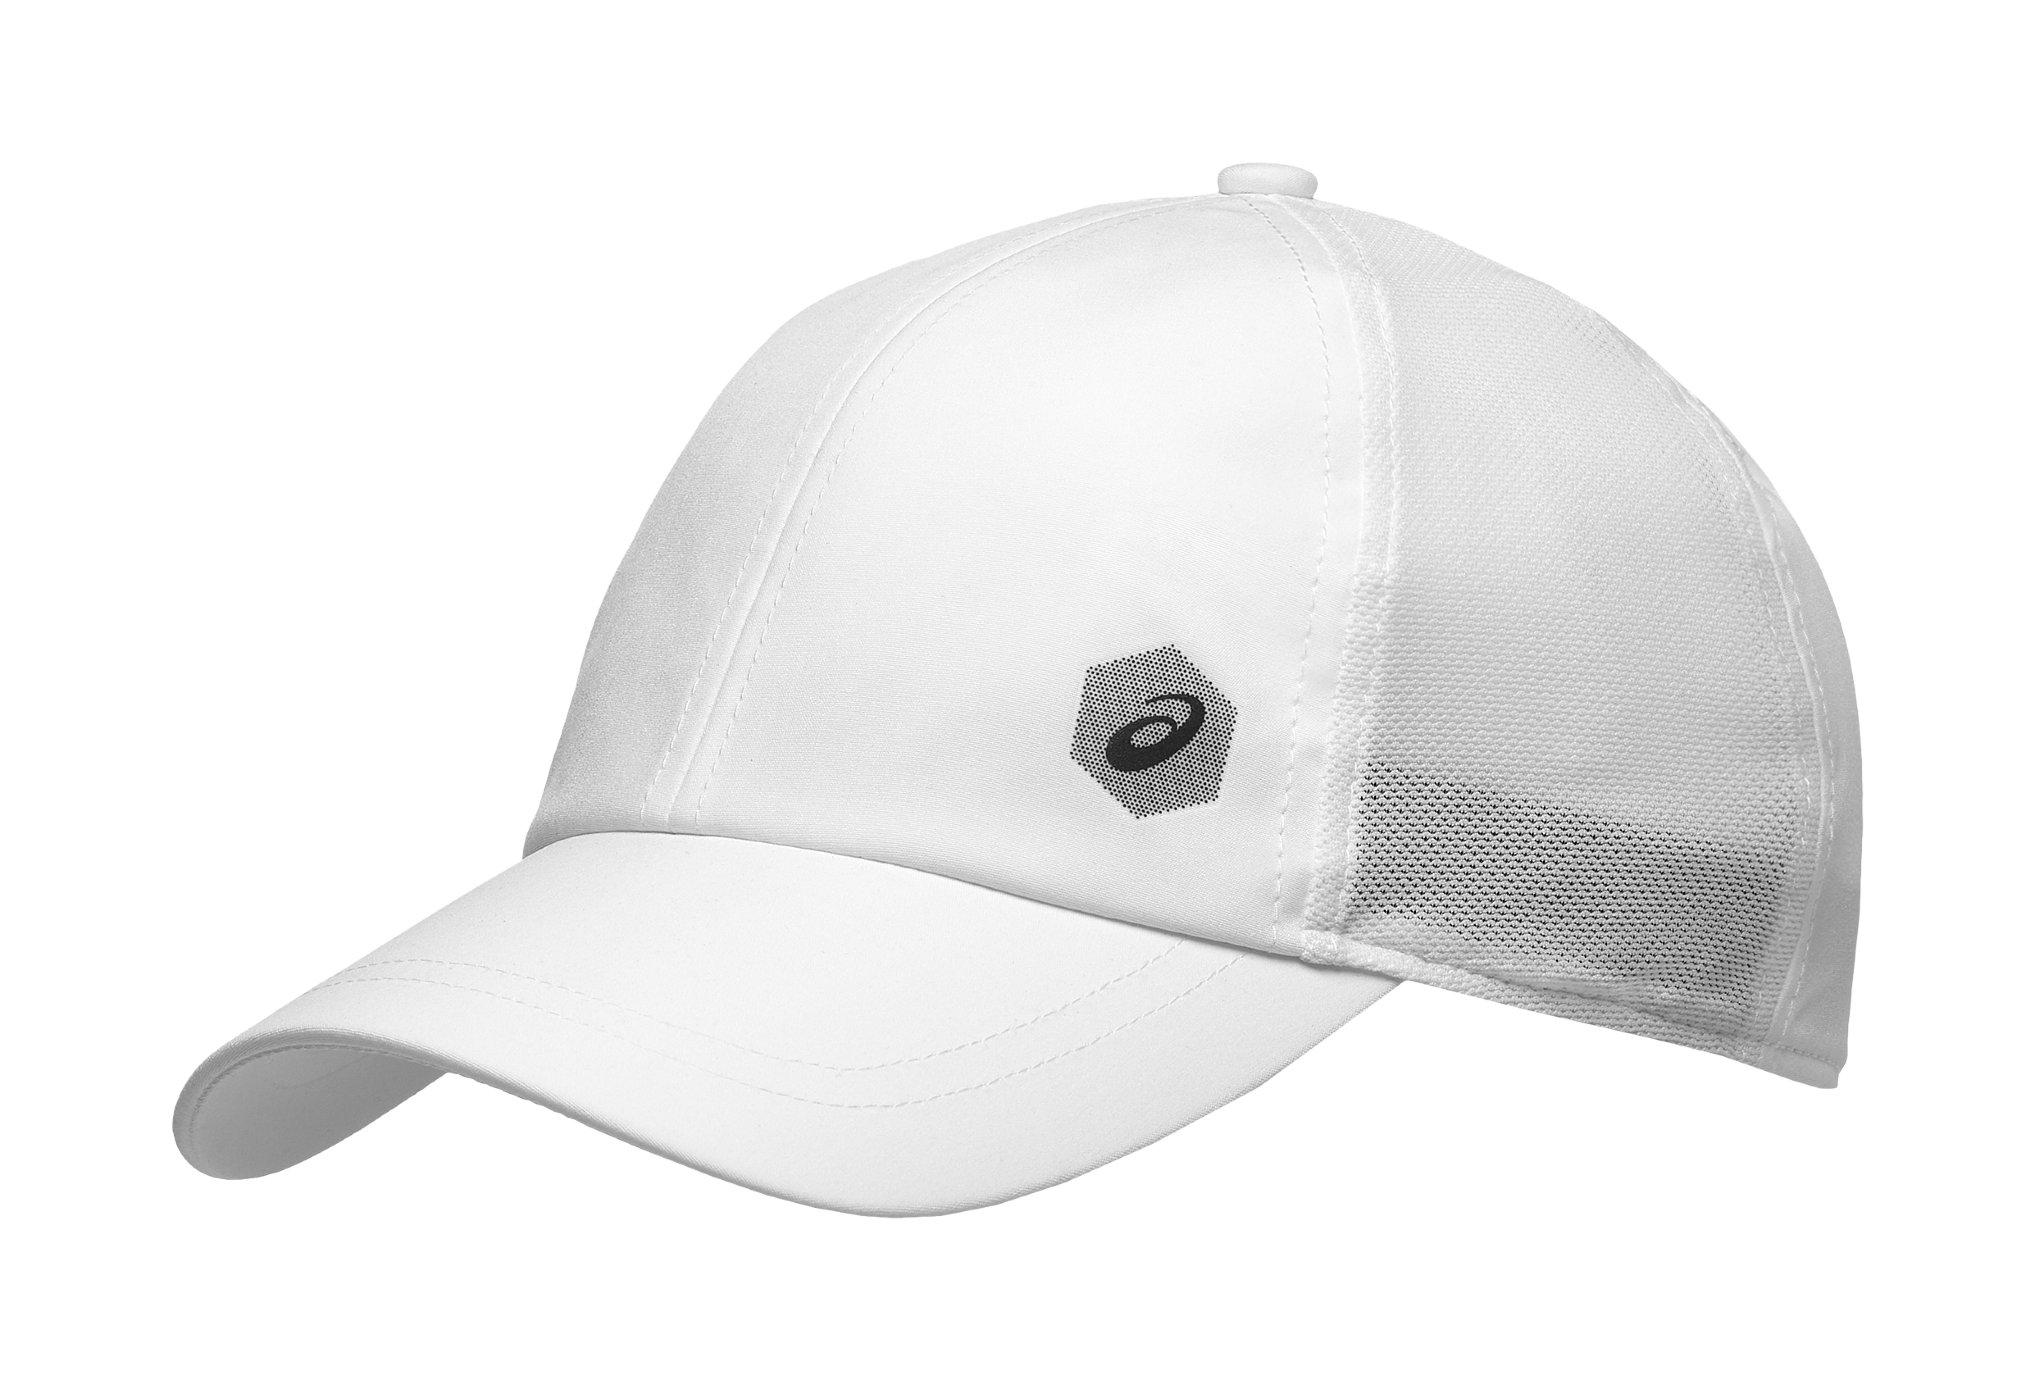 Asics Essential cap casquettes / bandeaux